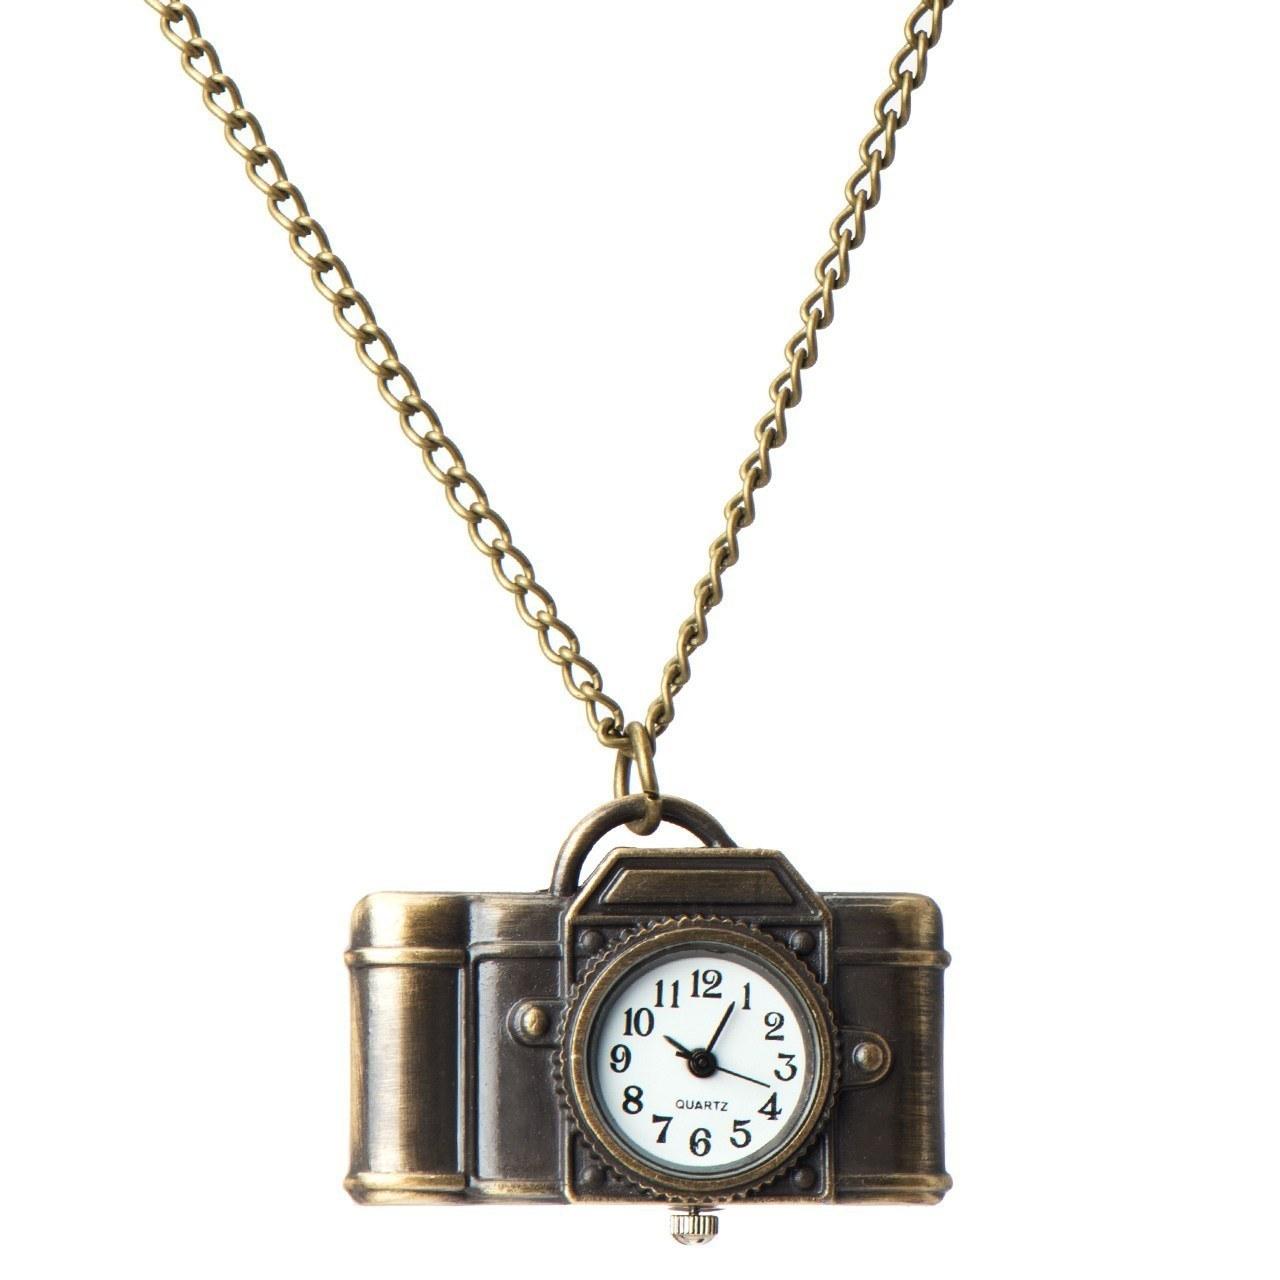 ساعت گردنبندي ميو  مدل N022O  | Mio N022O Necklace